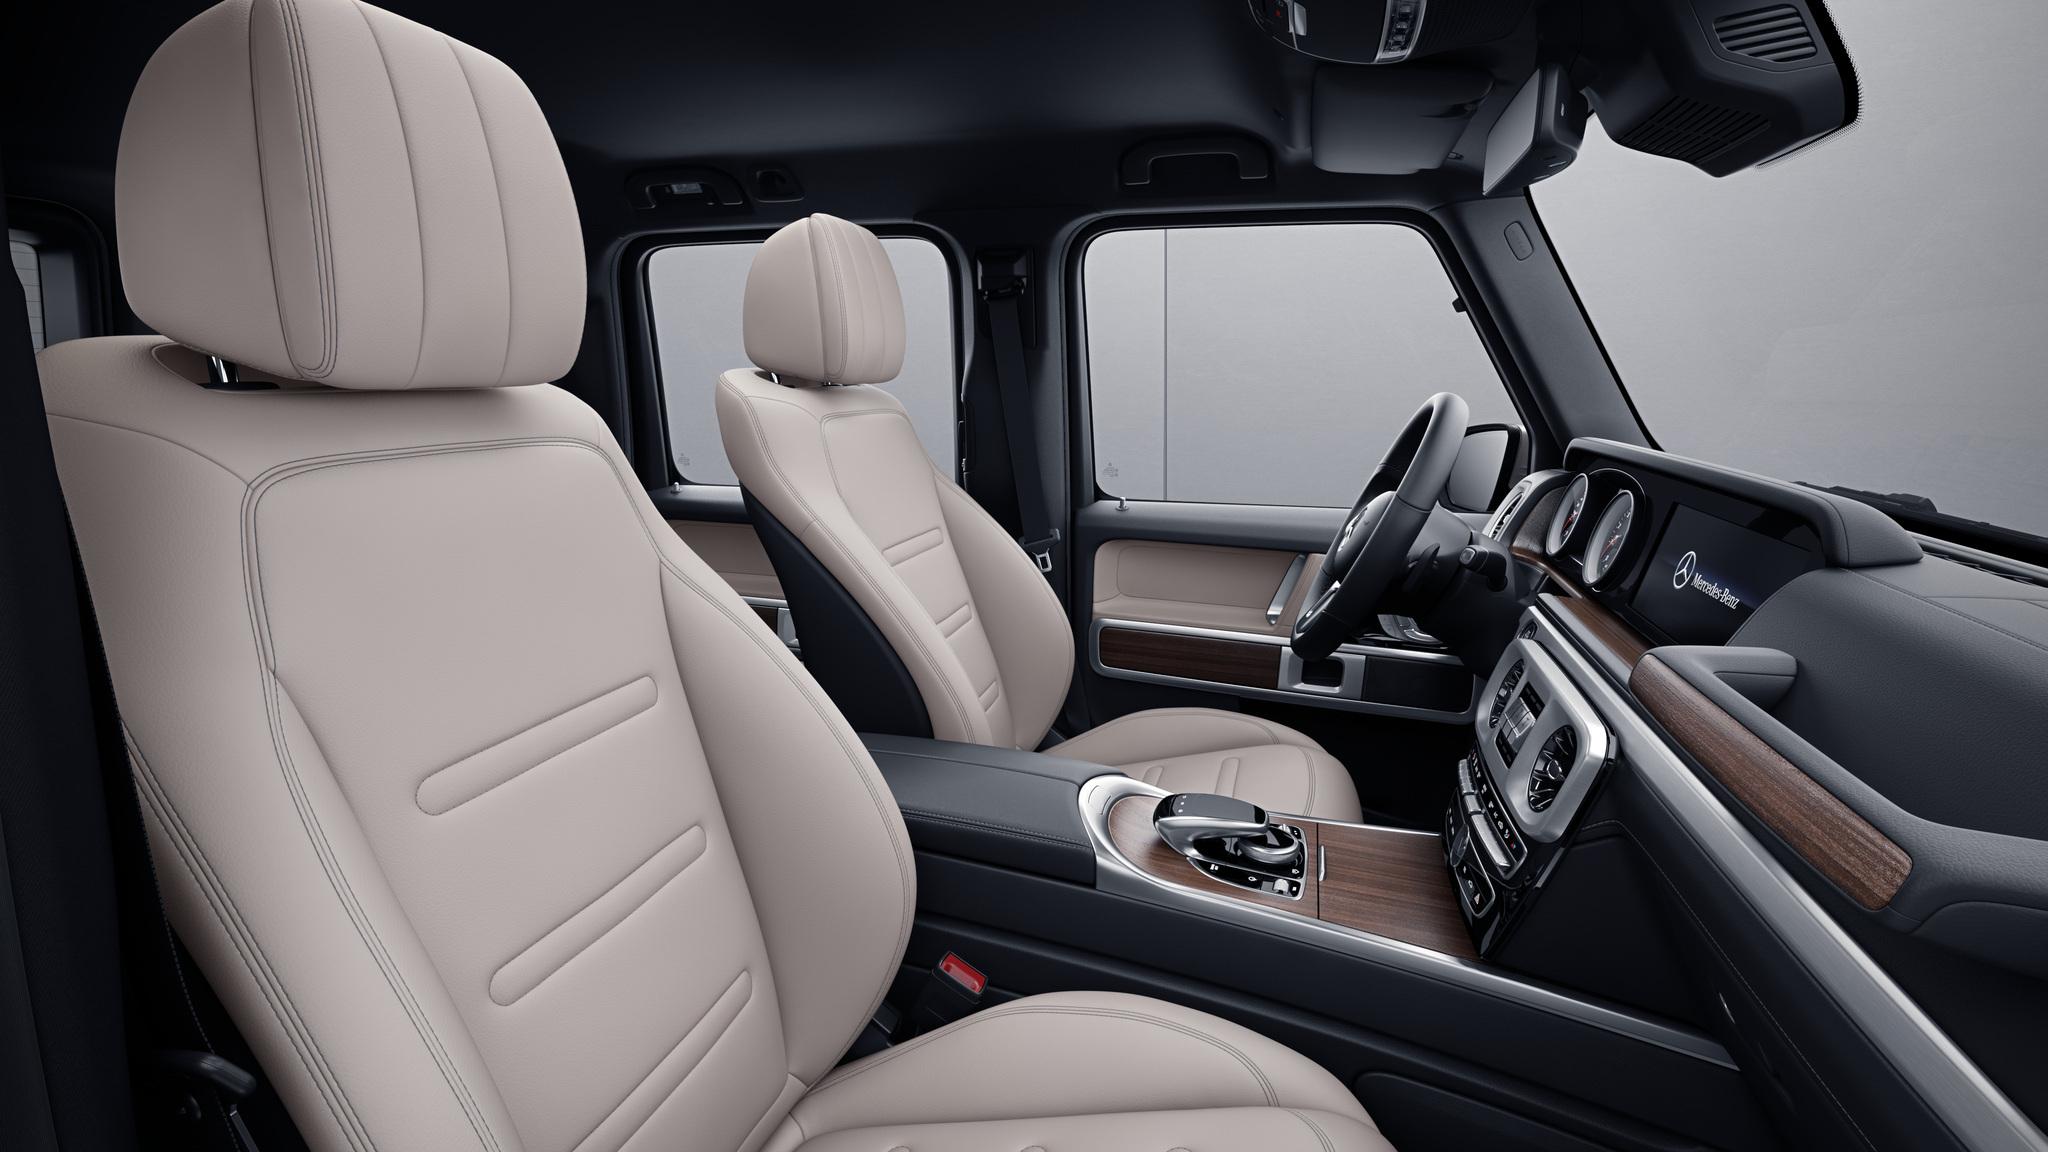 Habitacle de la Mercedes Classe G avec une Sellerie cuir bicolore - beige macchiato noir